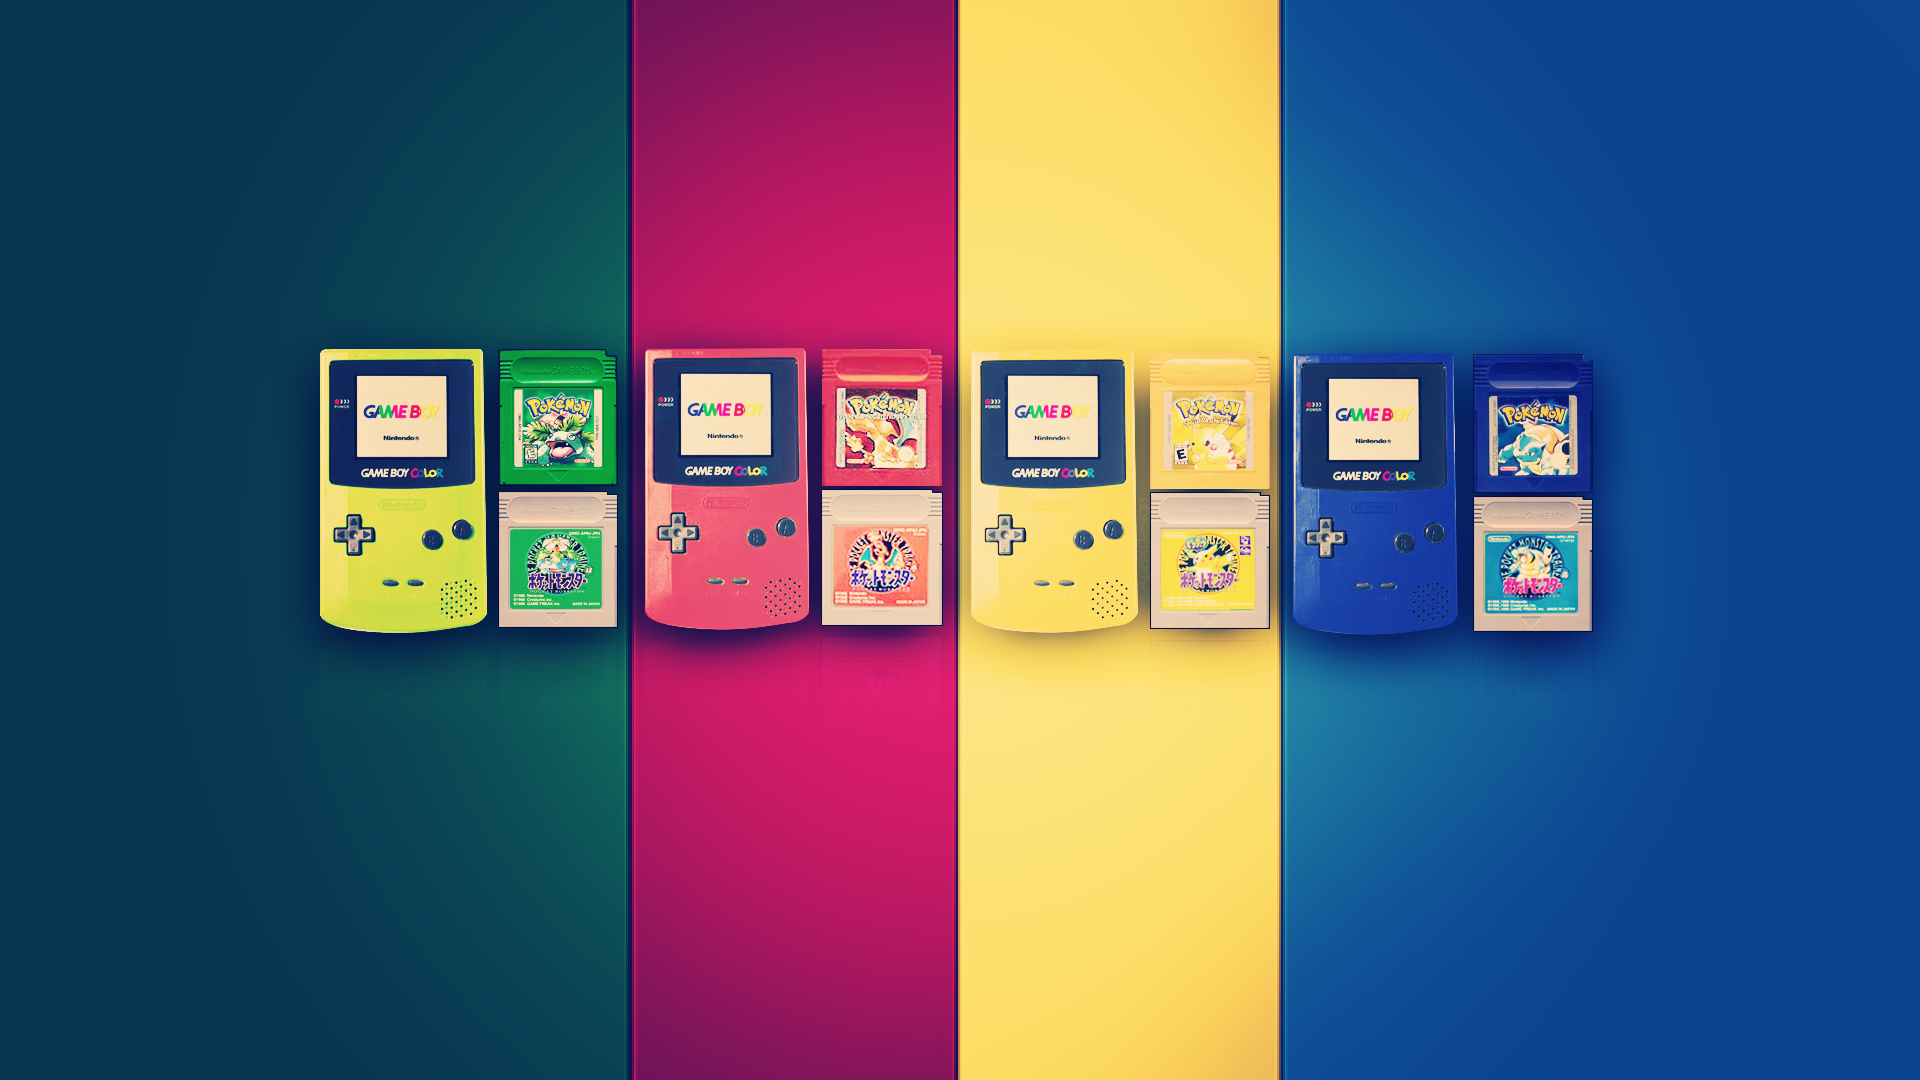 Cool Pokemon Gameboy Wallpaper 41885 1920x1080 px ...